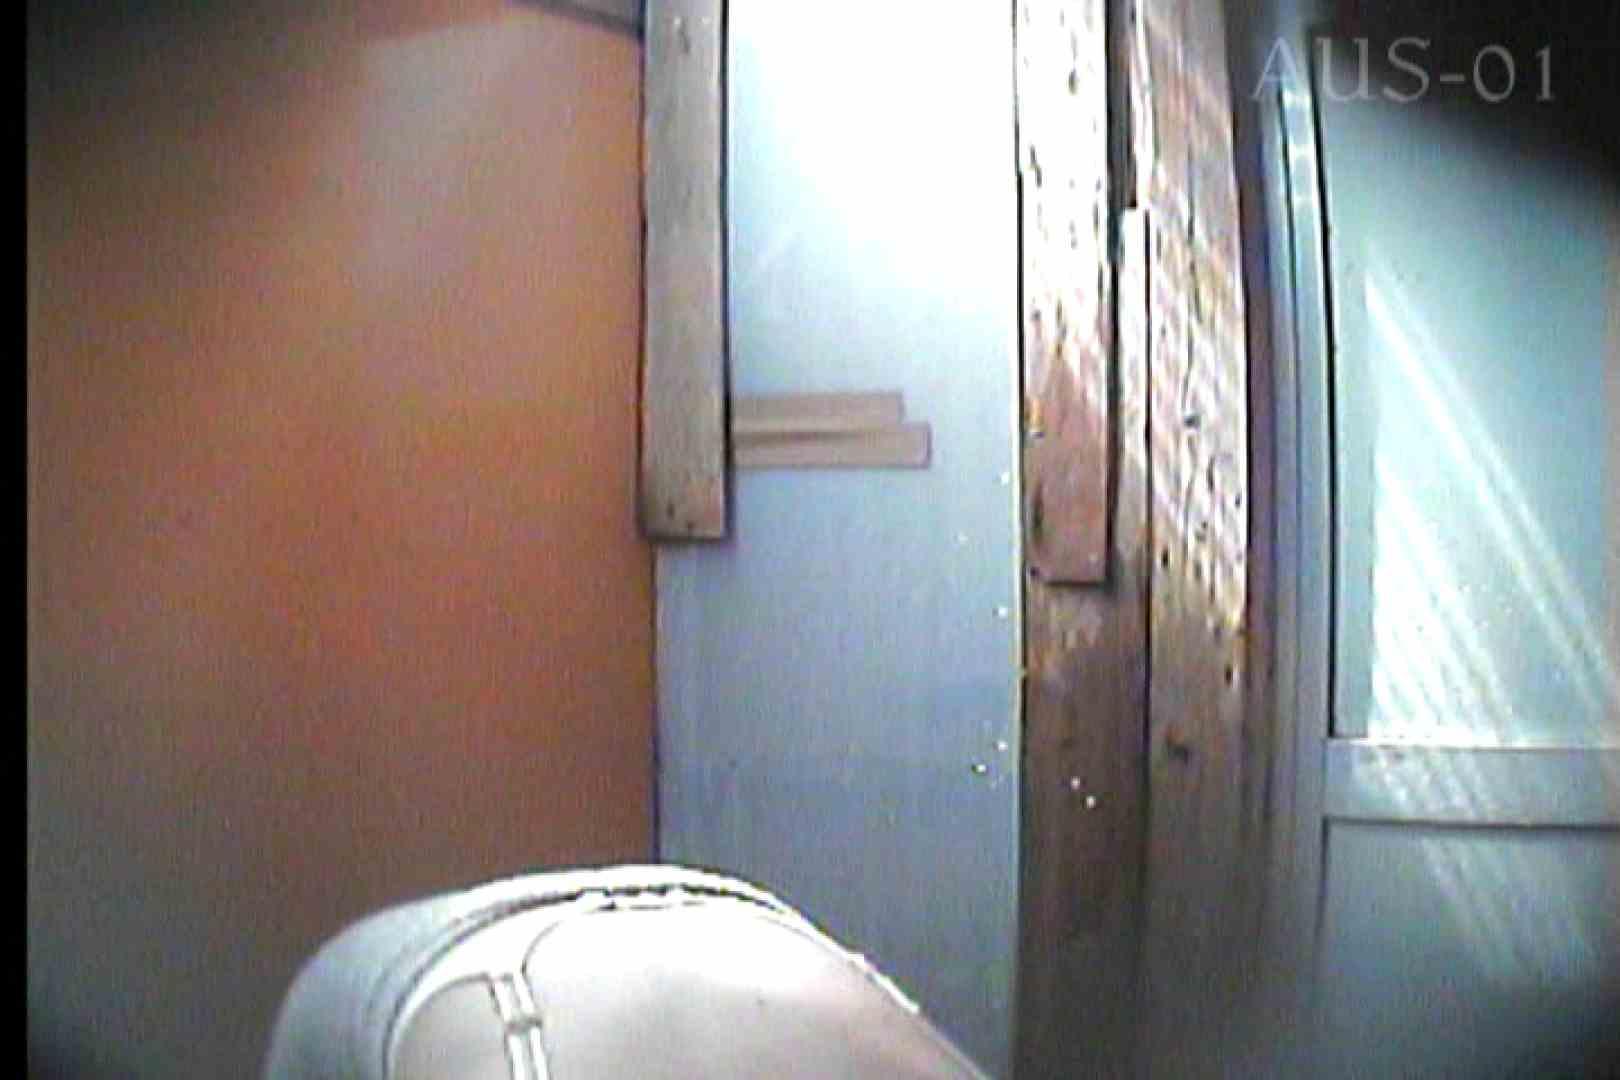 海の家の更衣室 Vol.03 シャワー エロ画像 82画像 59